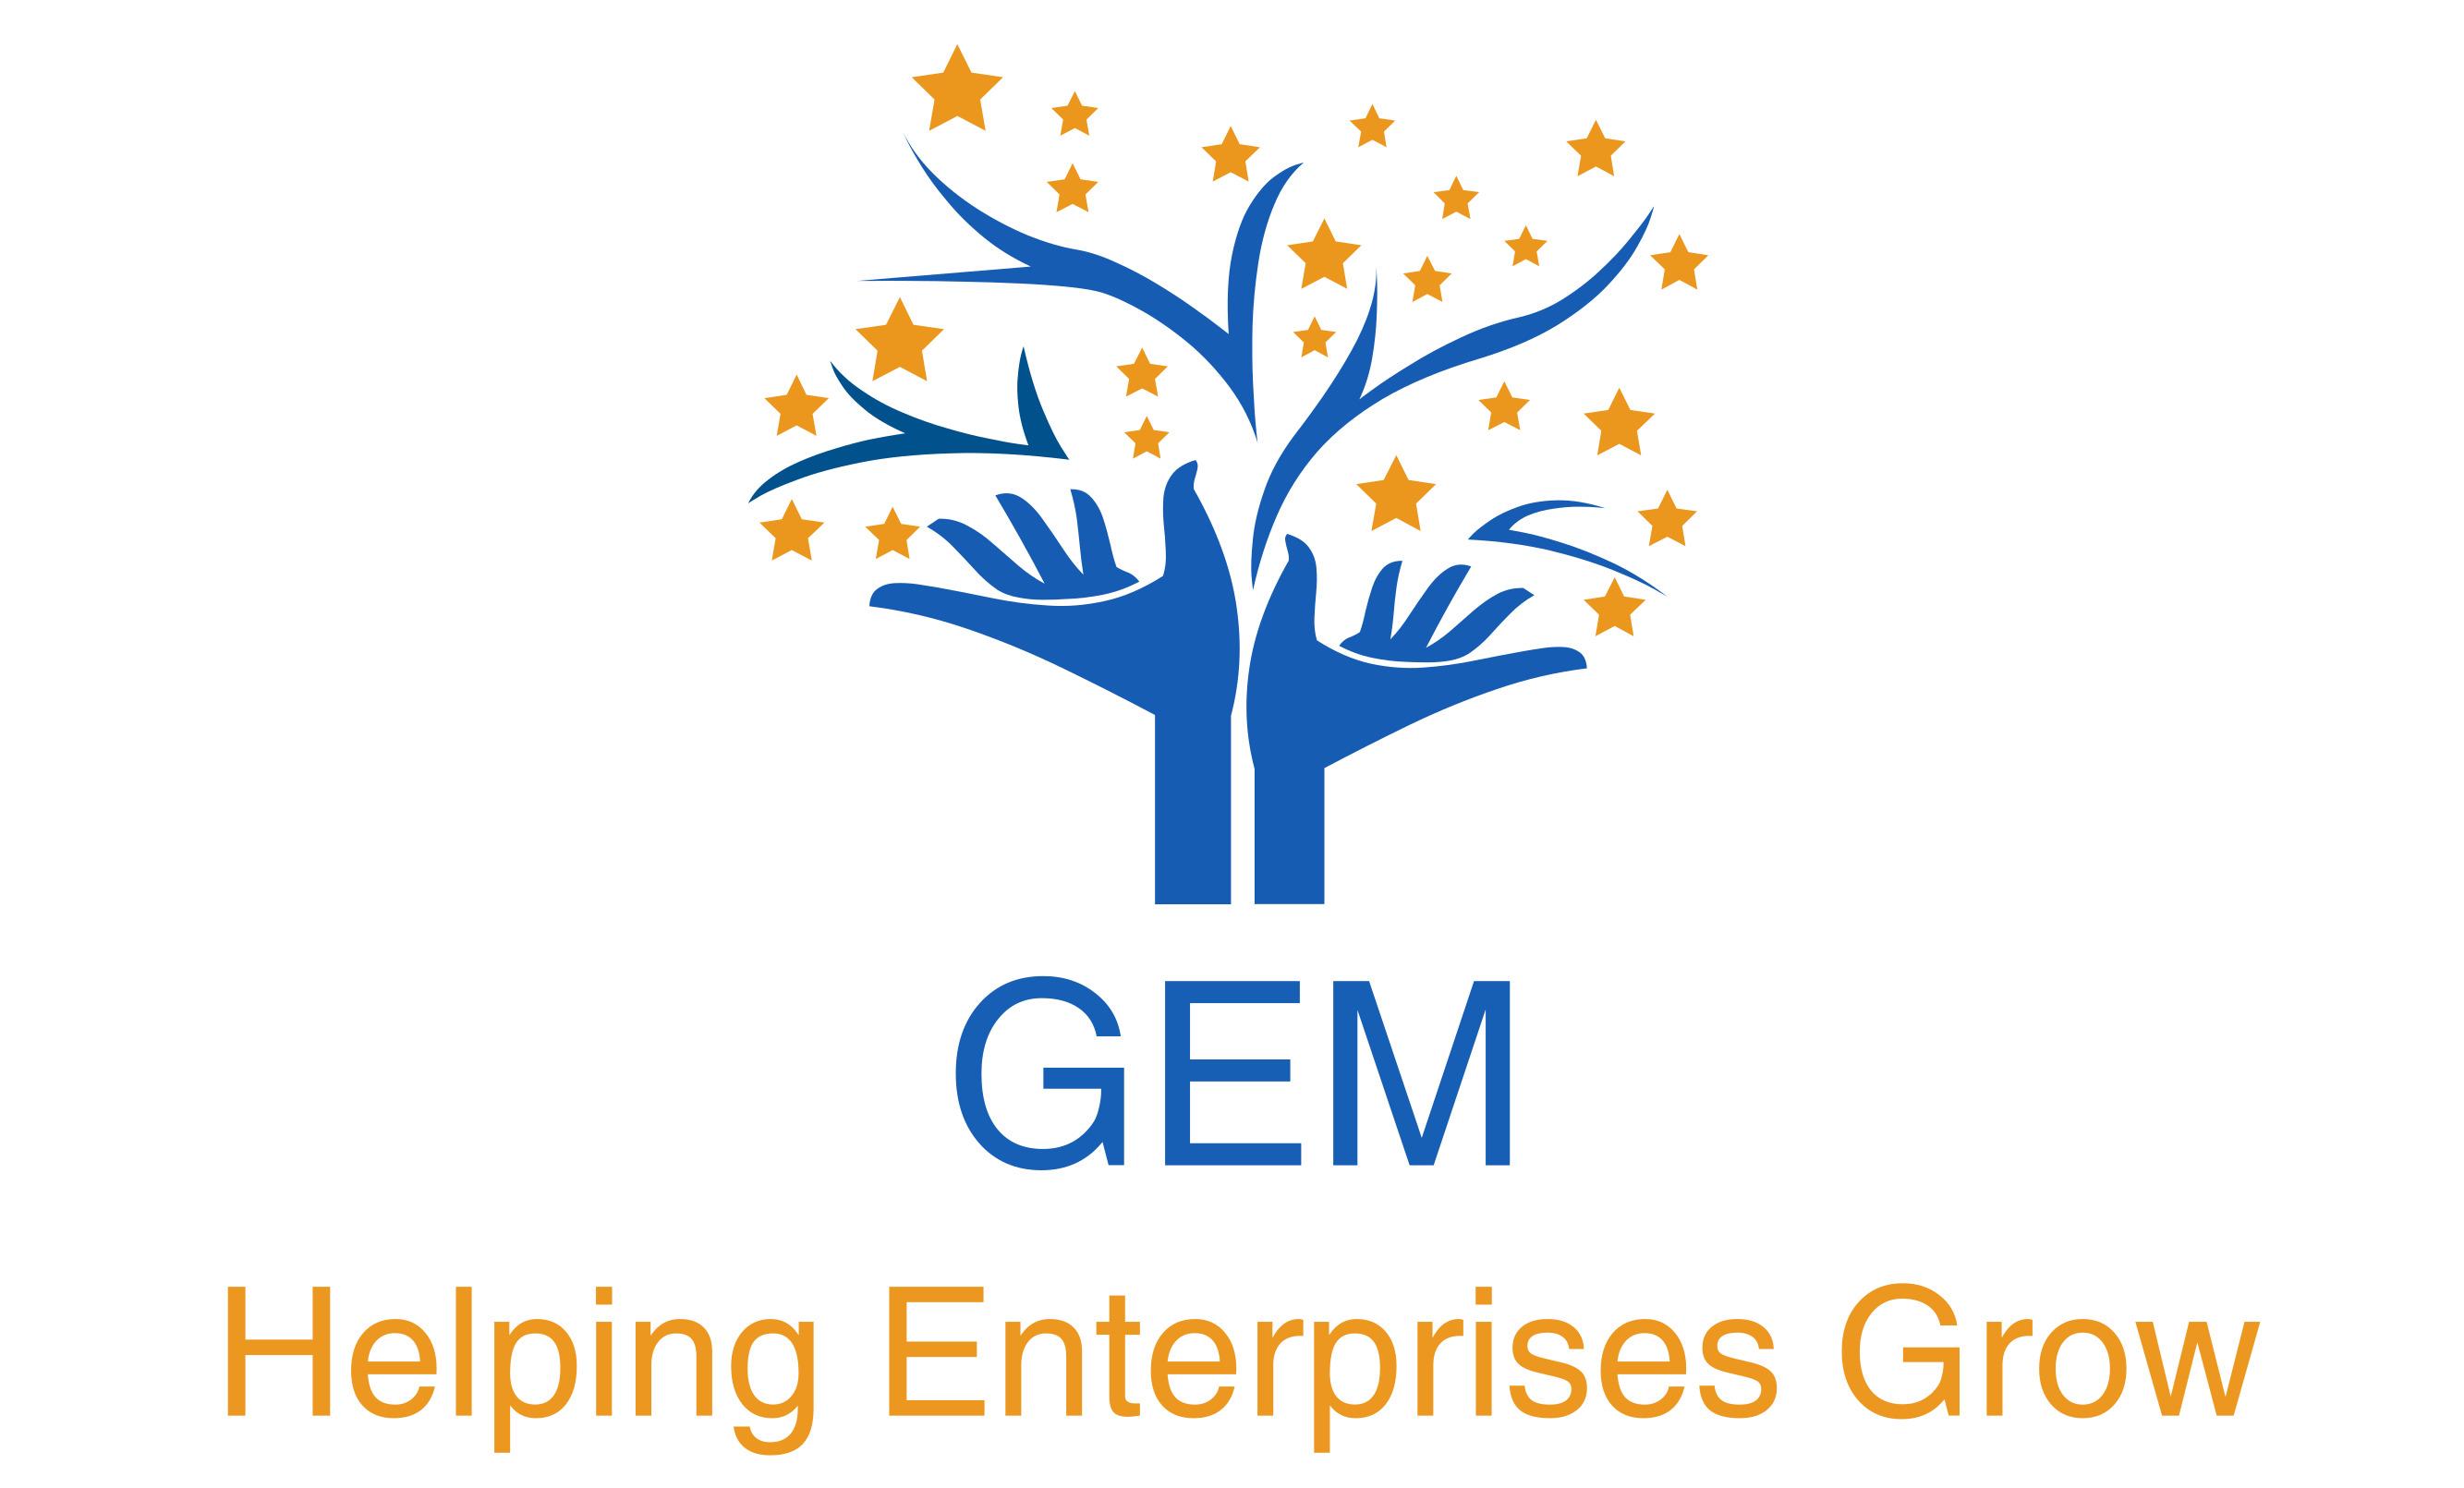 GEM Helping Enterprises Grow